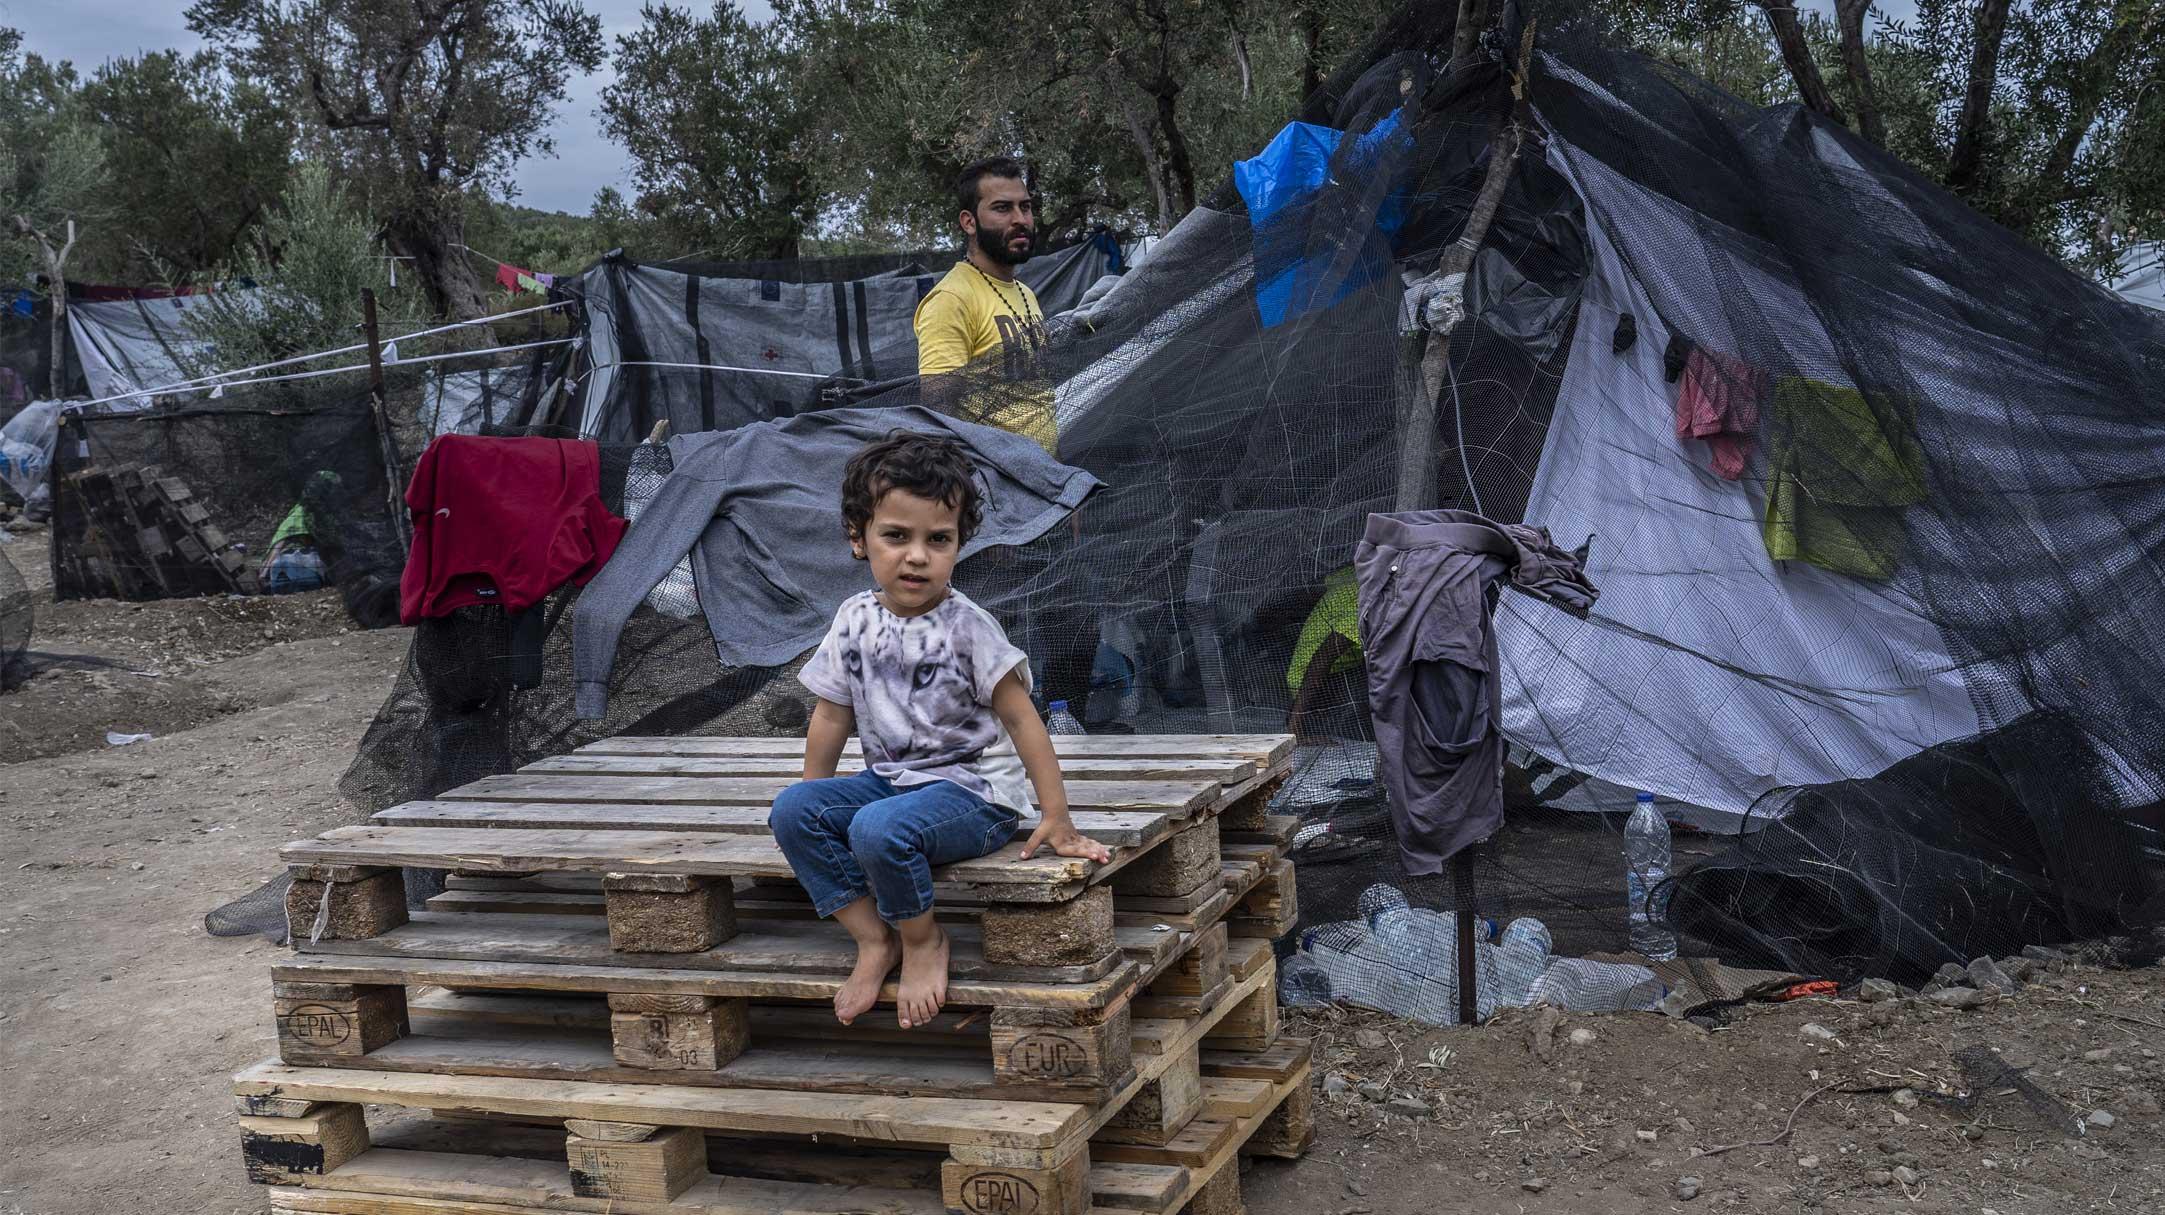 Migranti intrappolati in rifugi di fortuna a Moria, Grecia